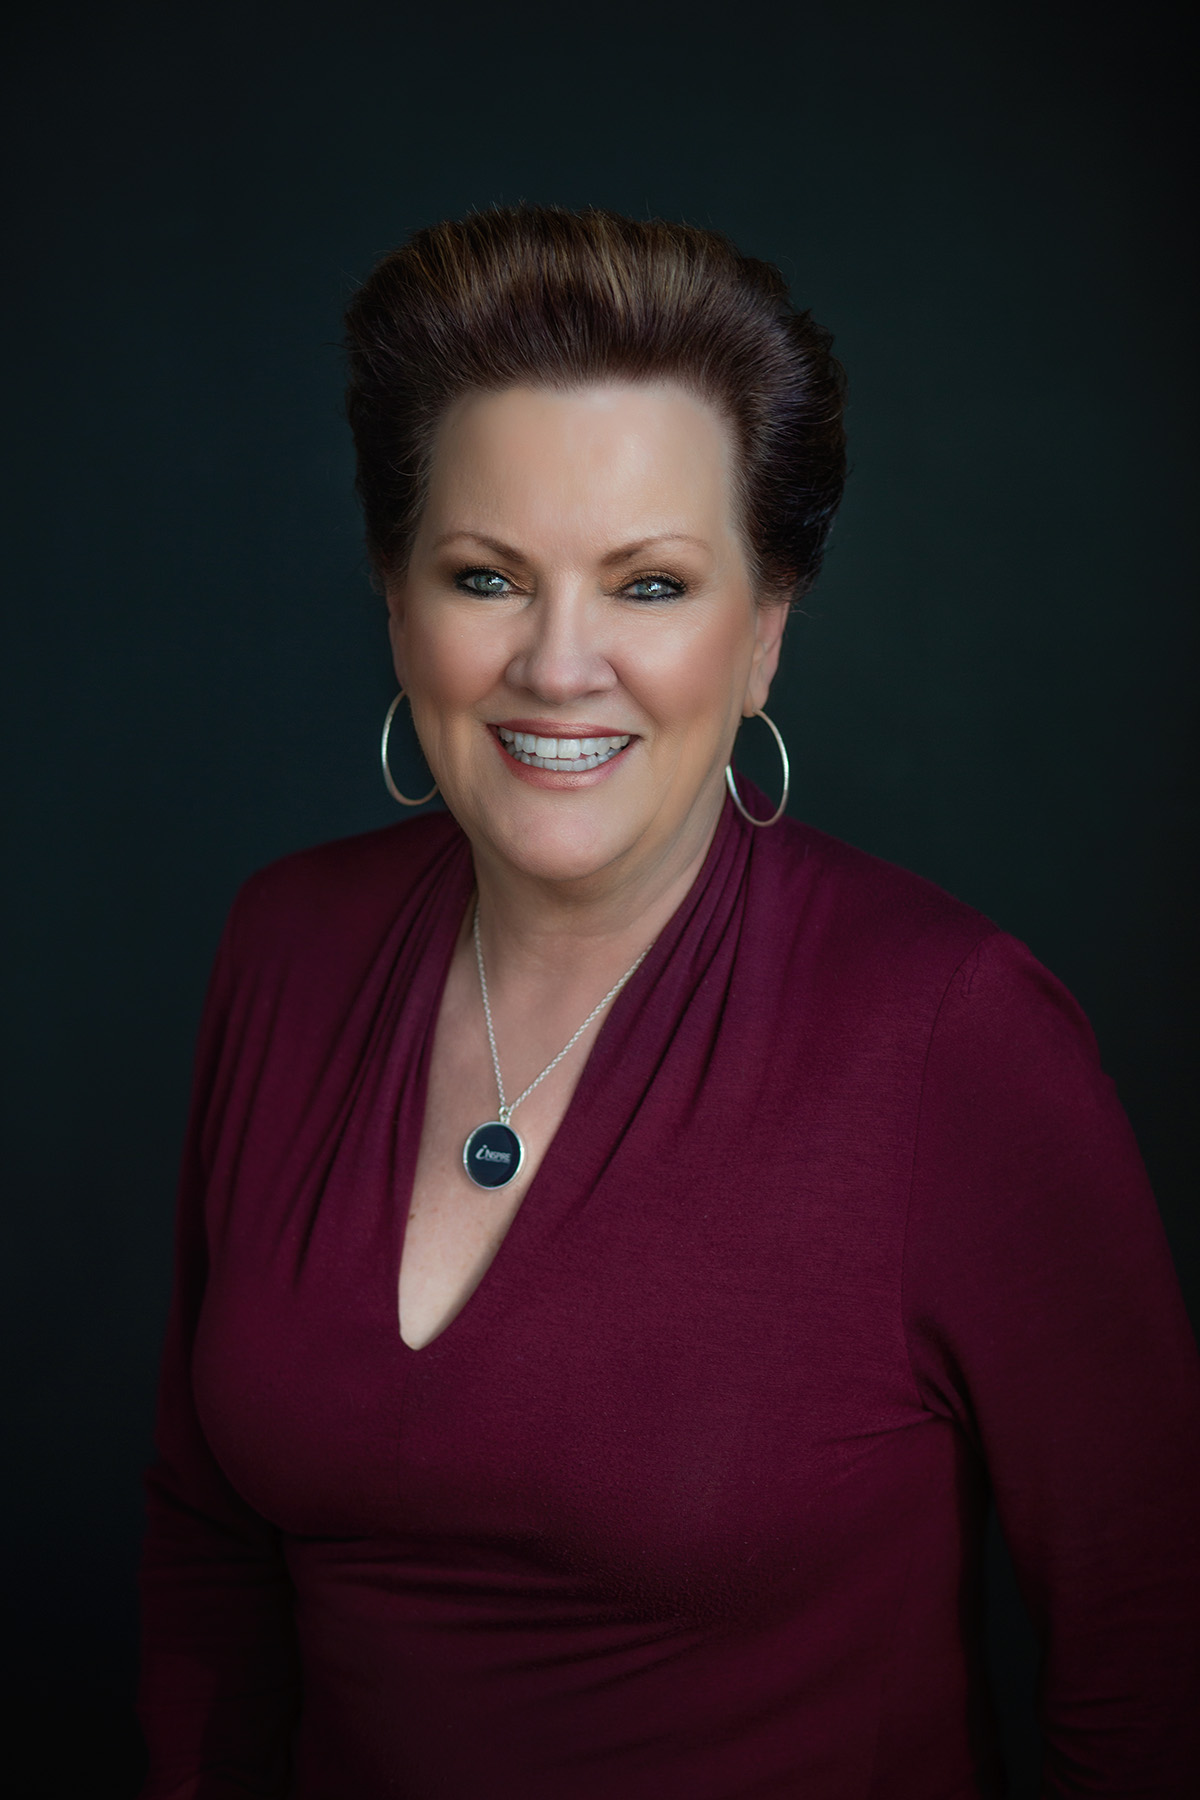 Nancy Schumaker